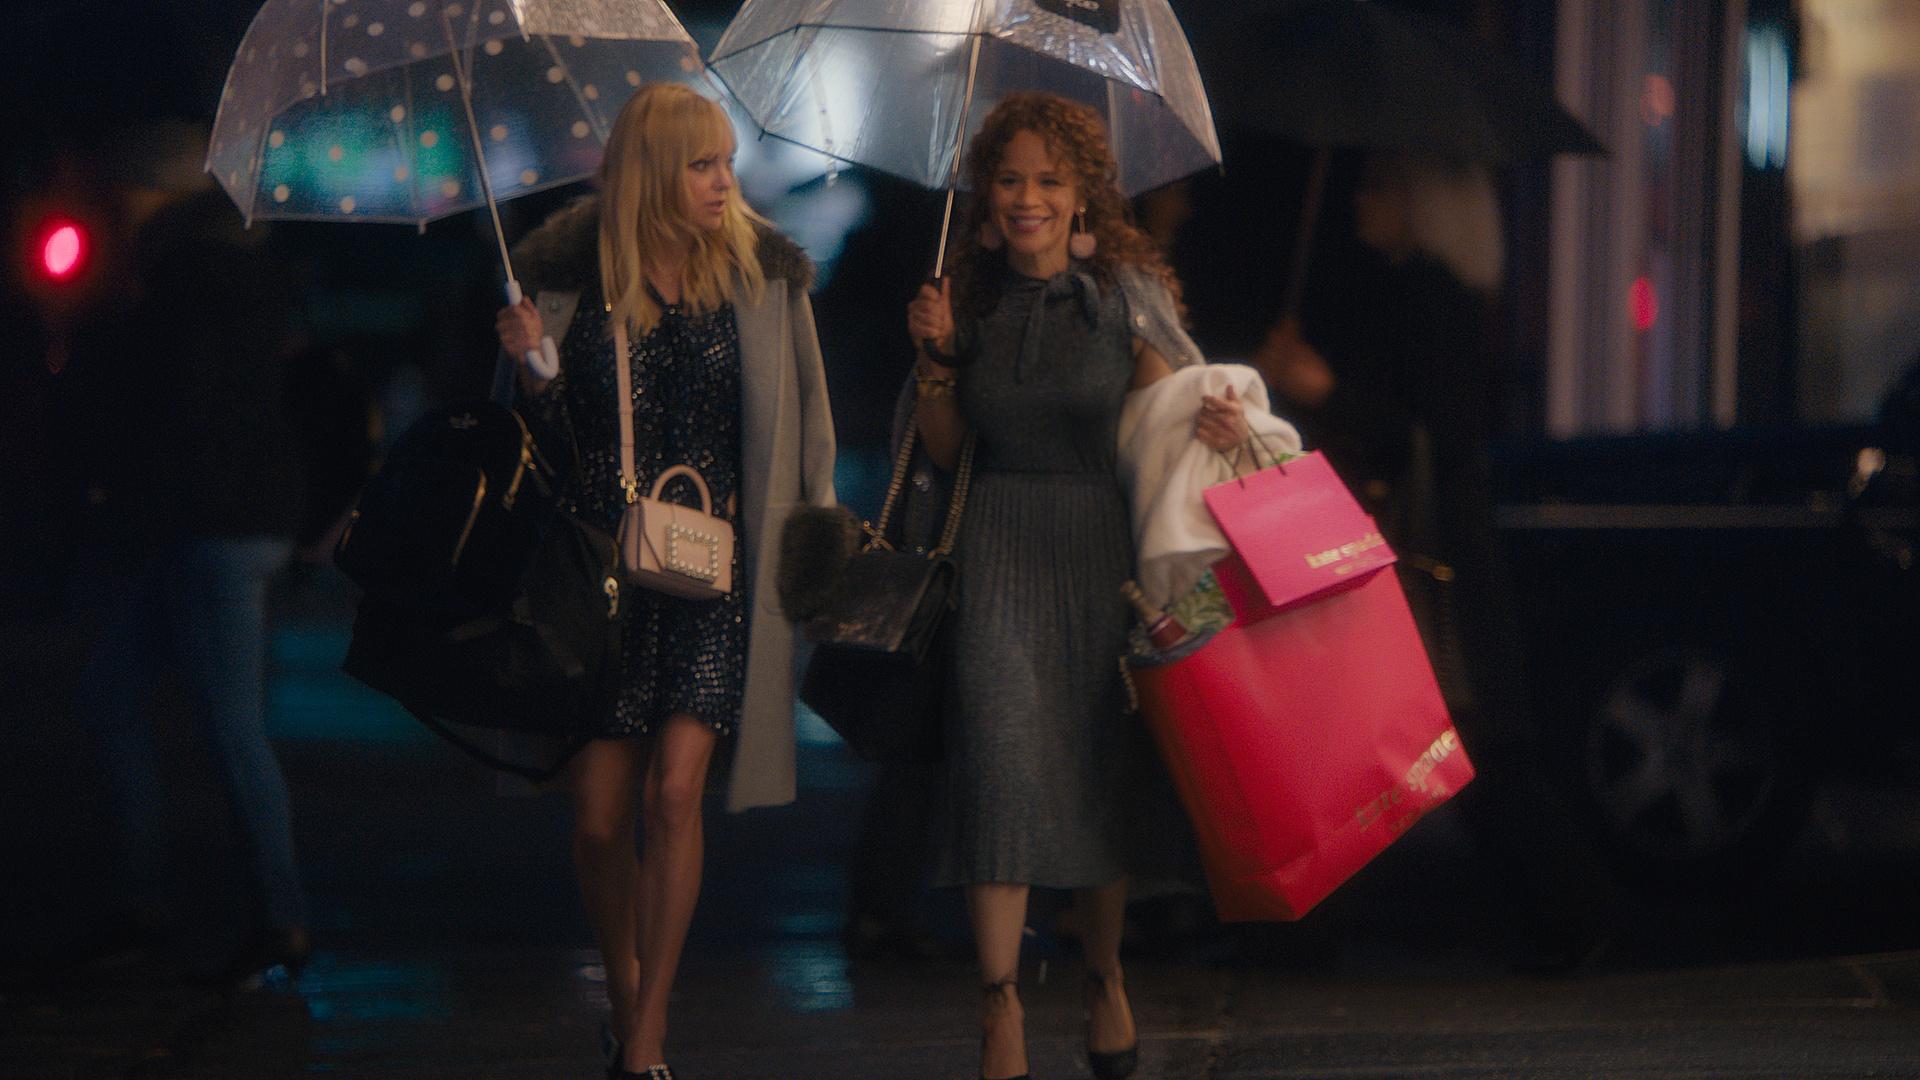 Thumbnail for kate spade new york: #missadventure season 3, episode 2 -